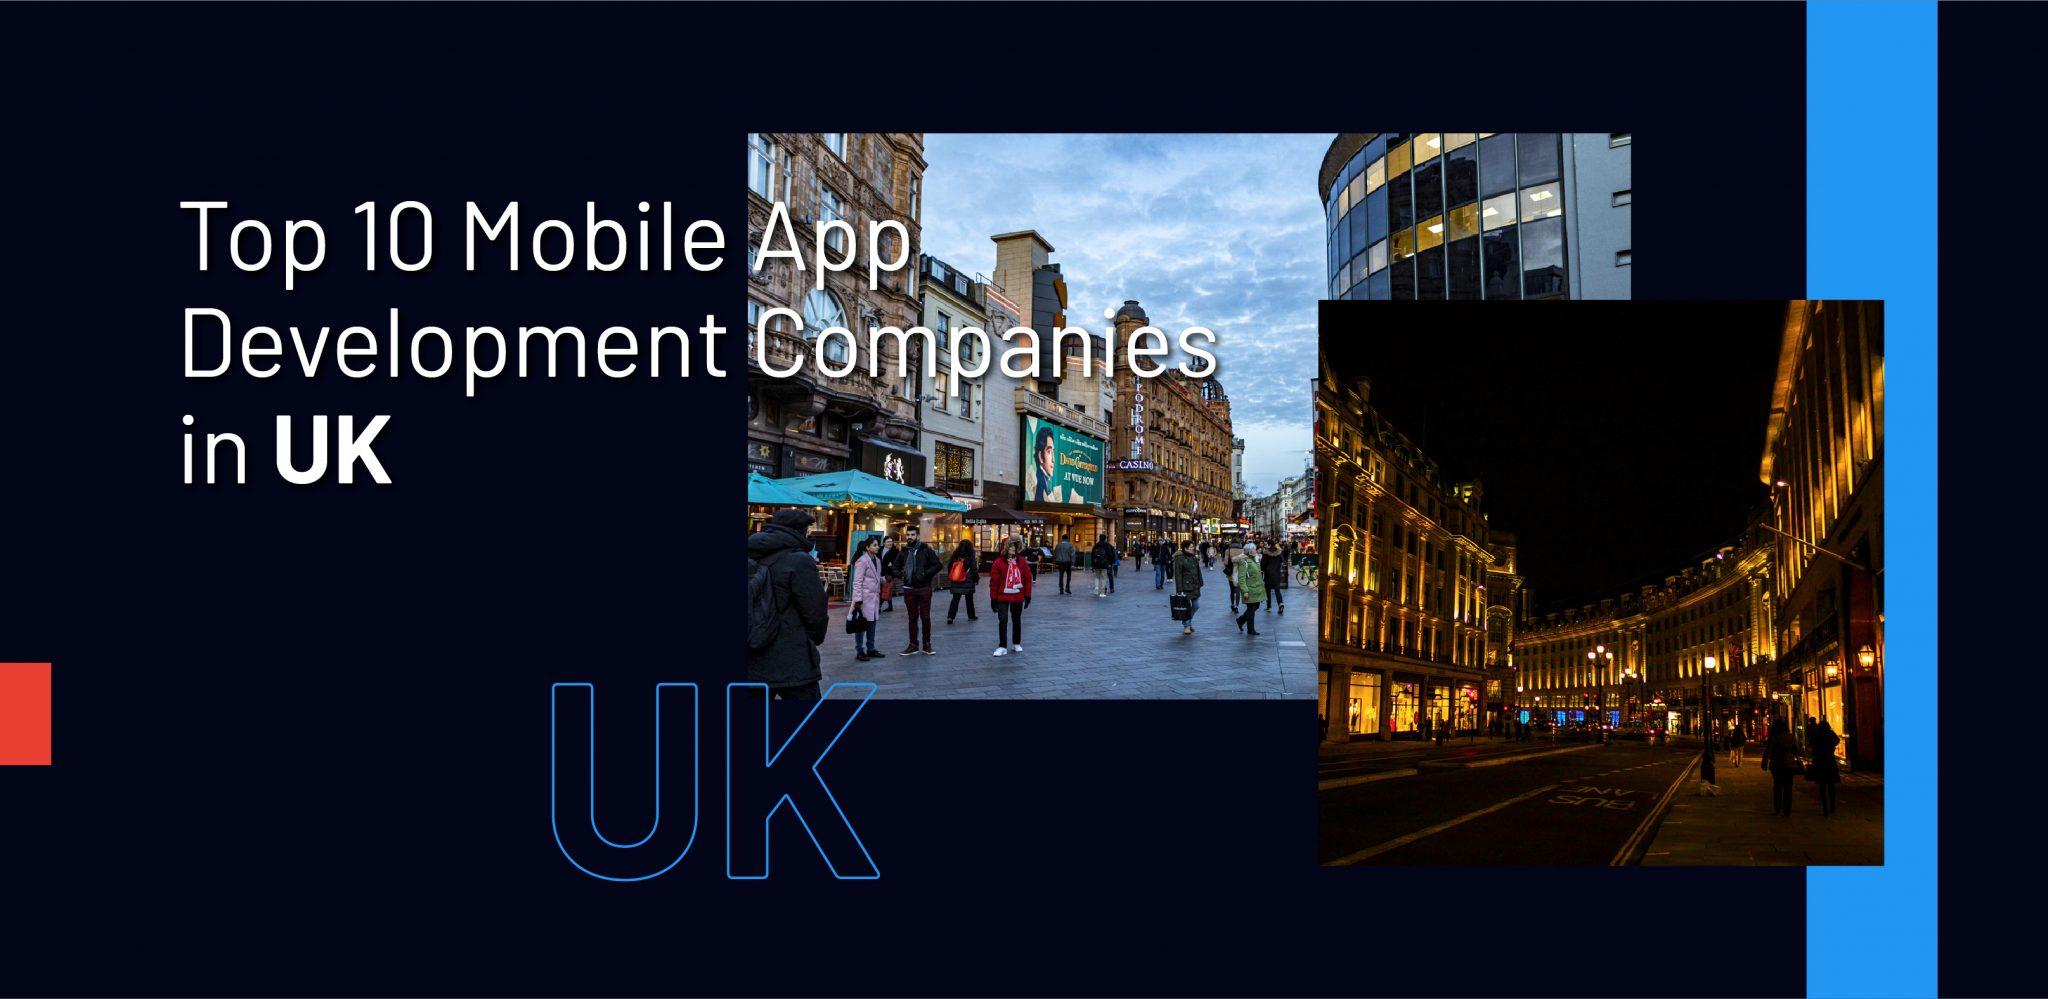 Top 10 Mobile App Development Companies in UK - WebClues Infotech